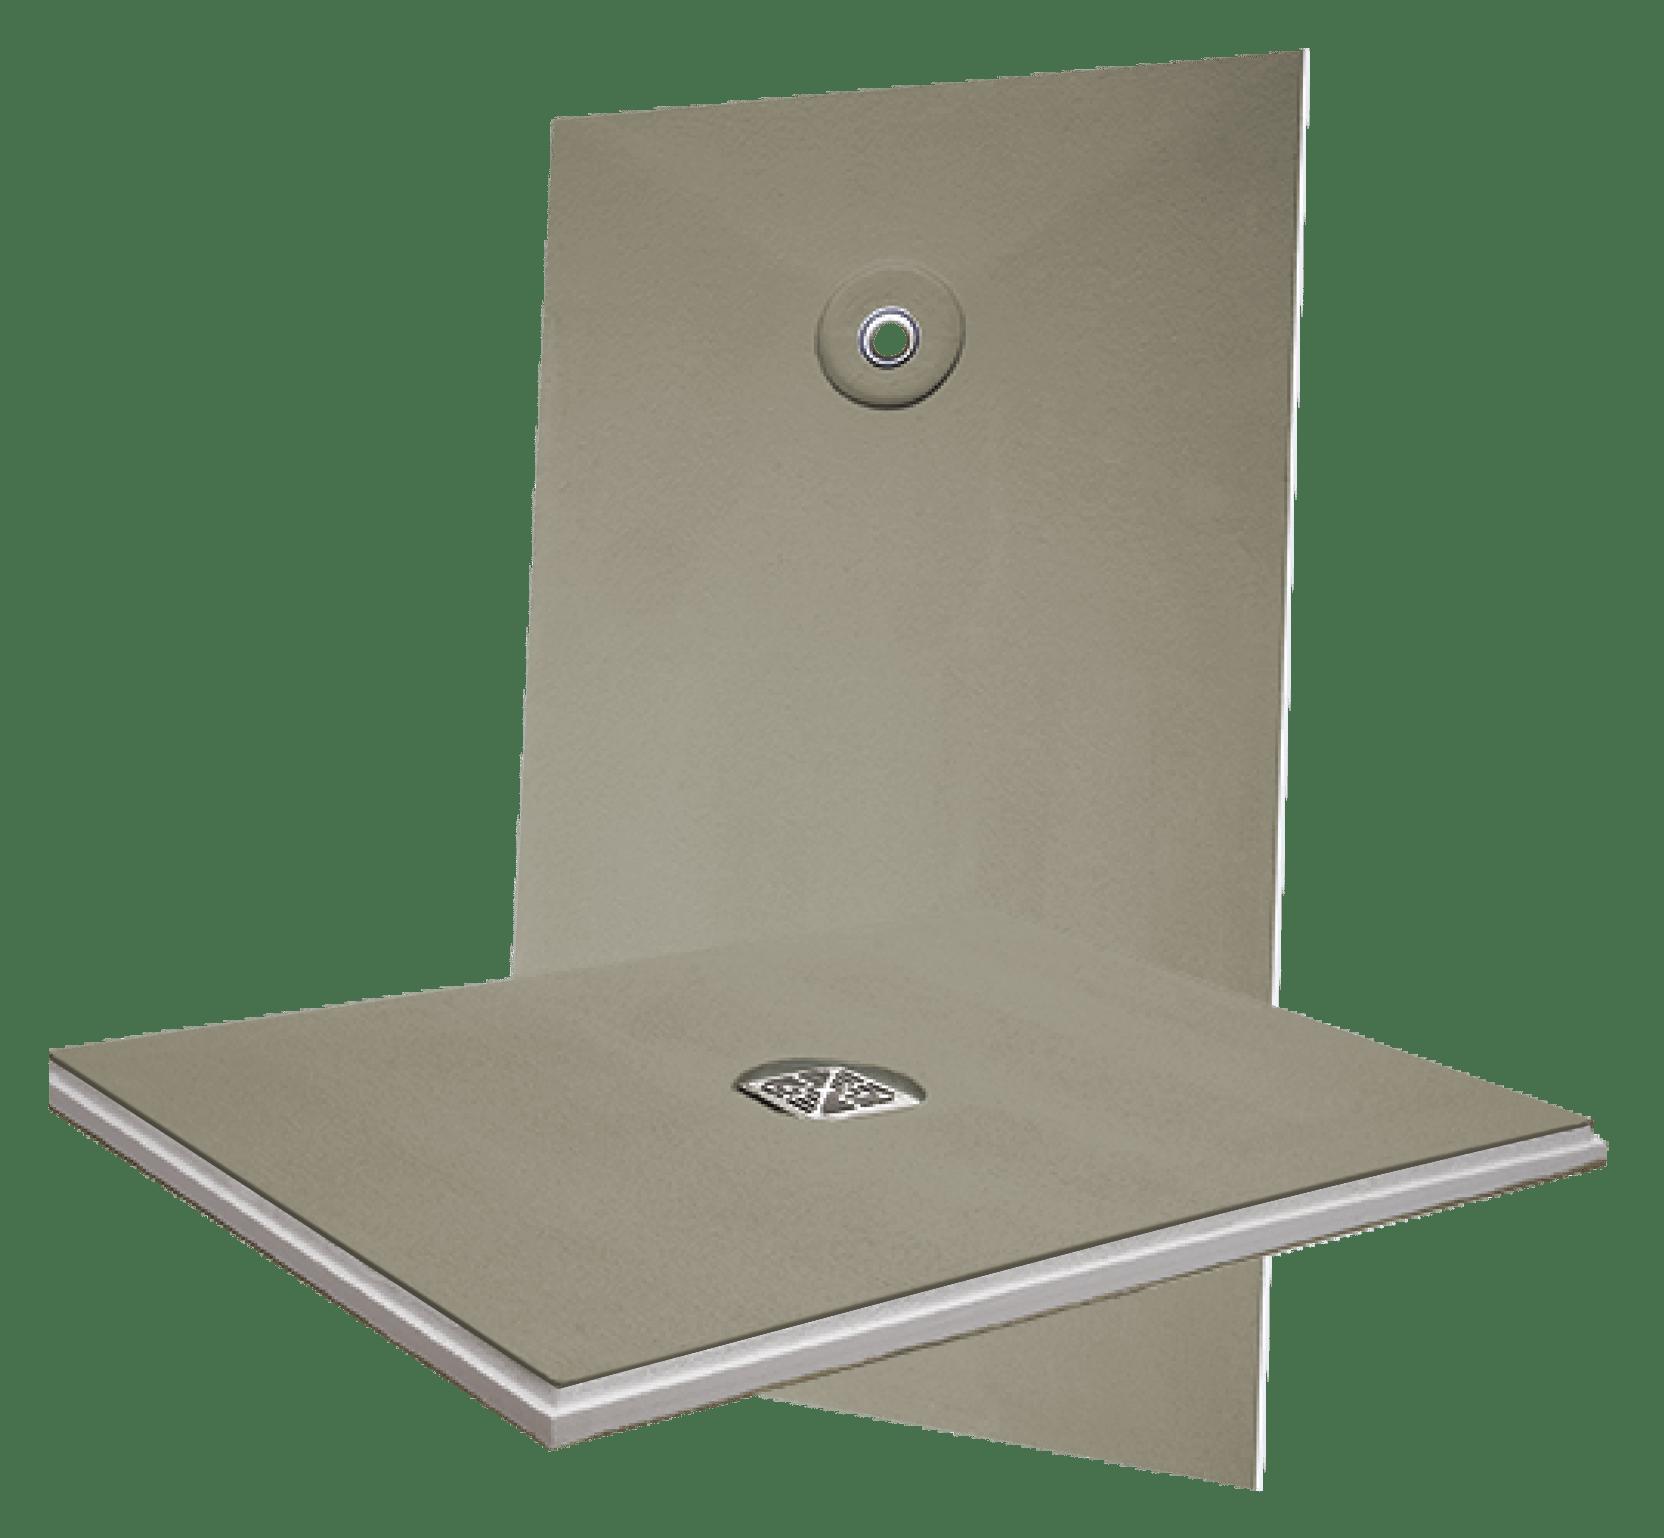 hydro ban pre sloped shower pan